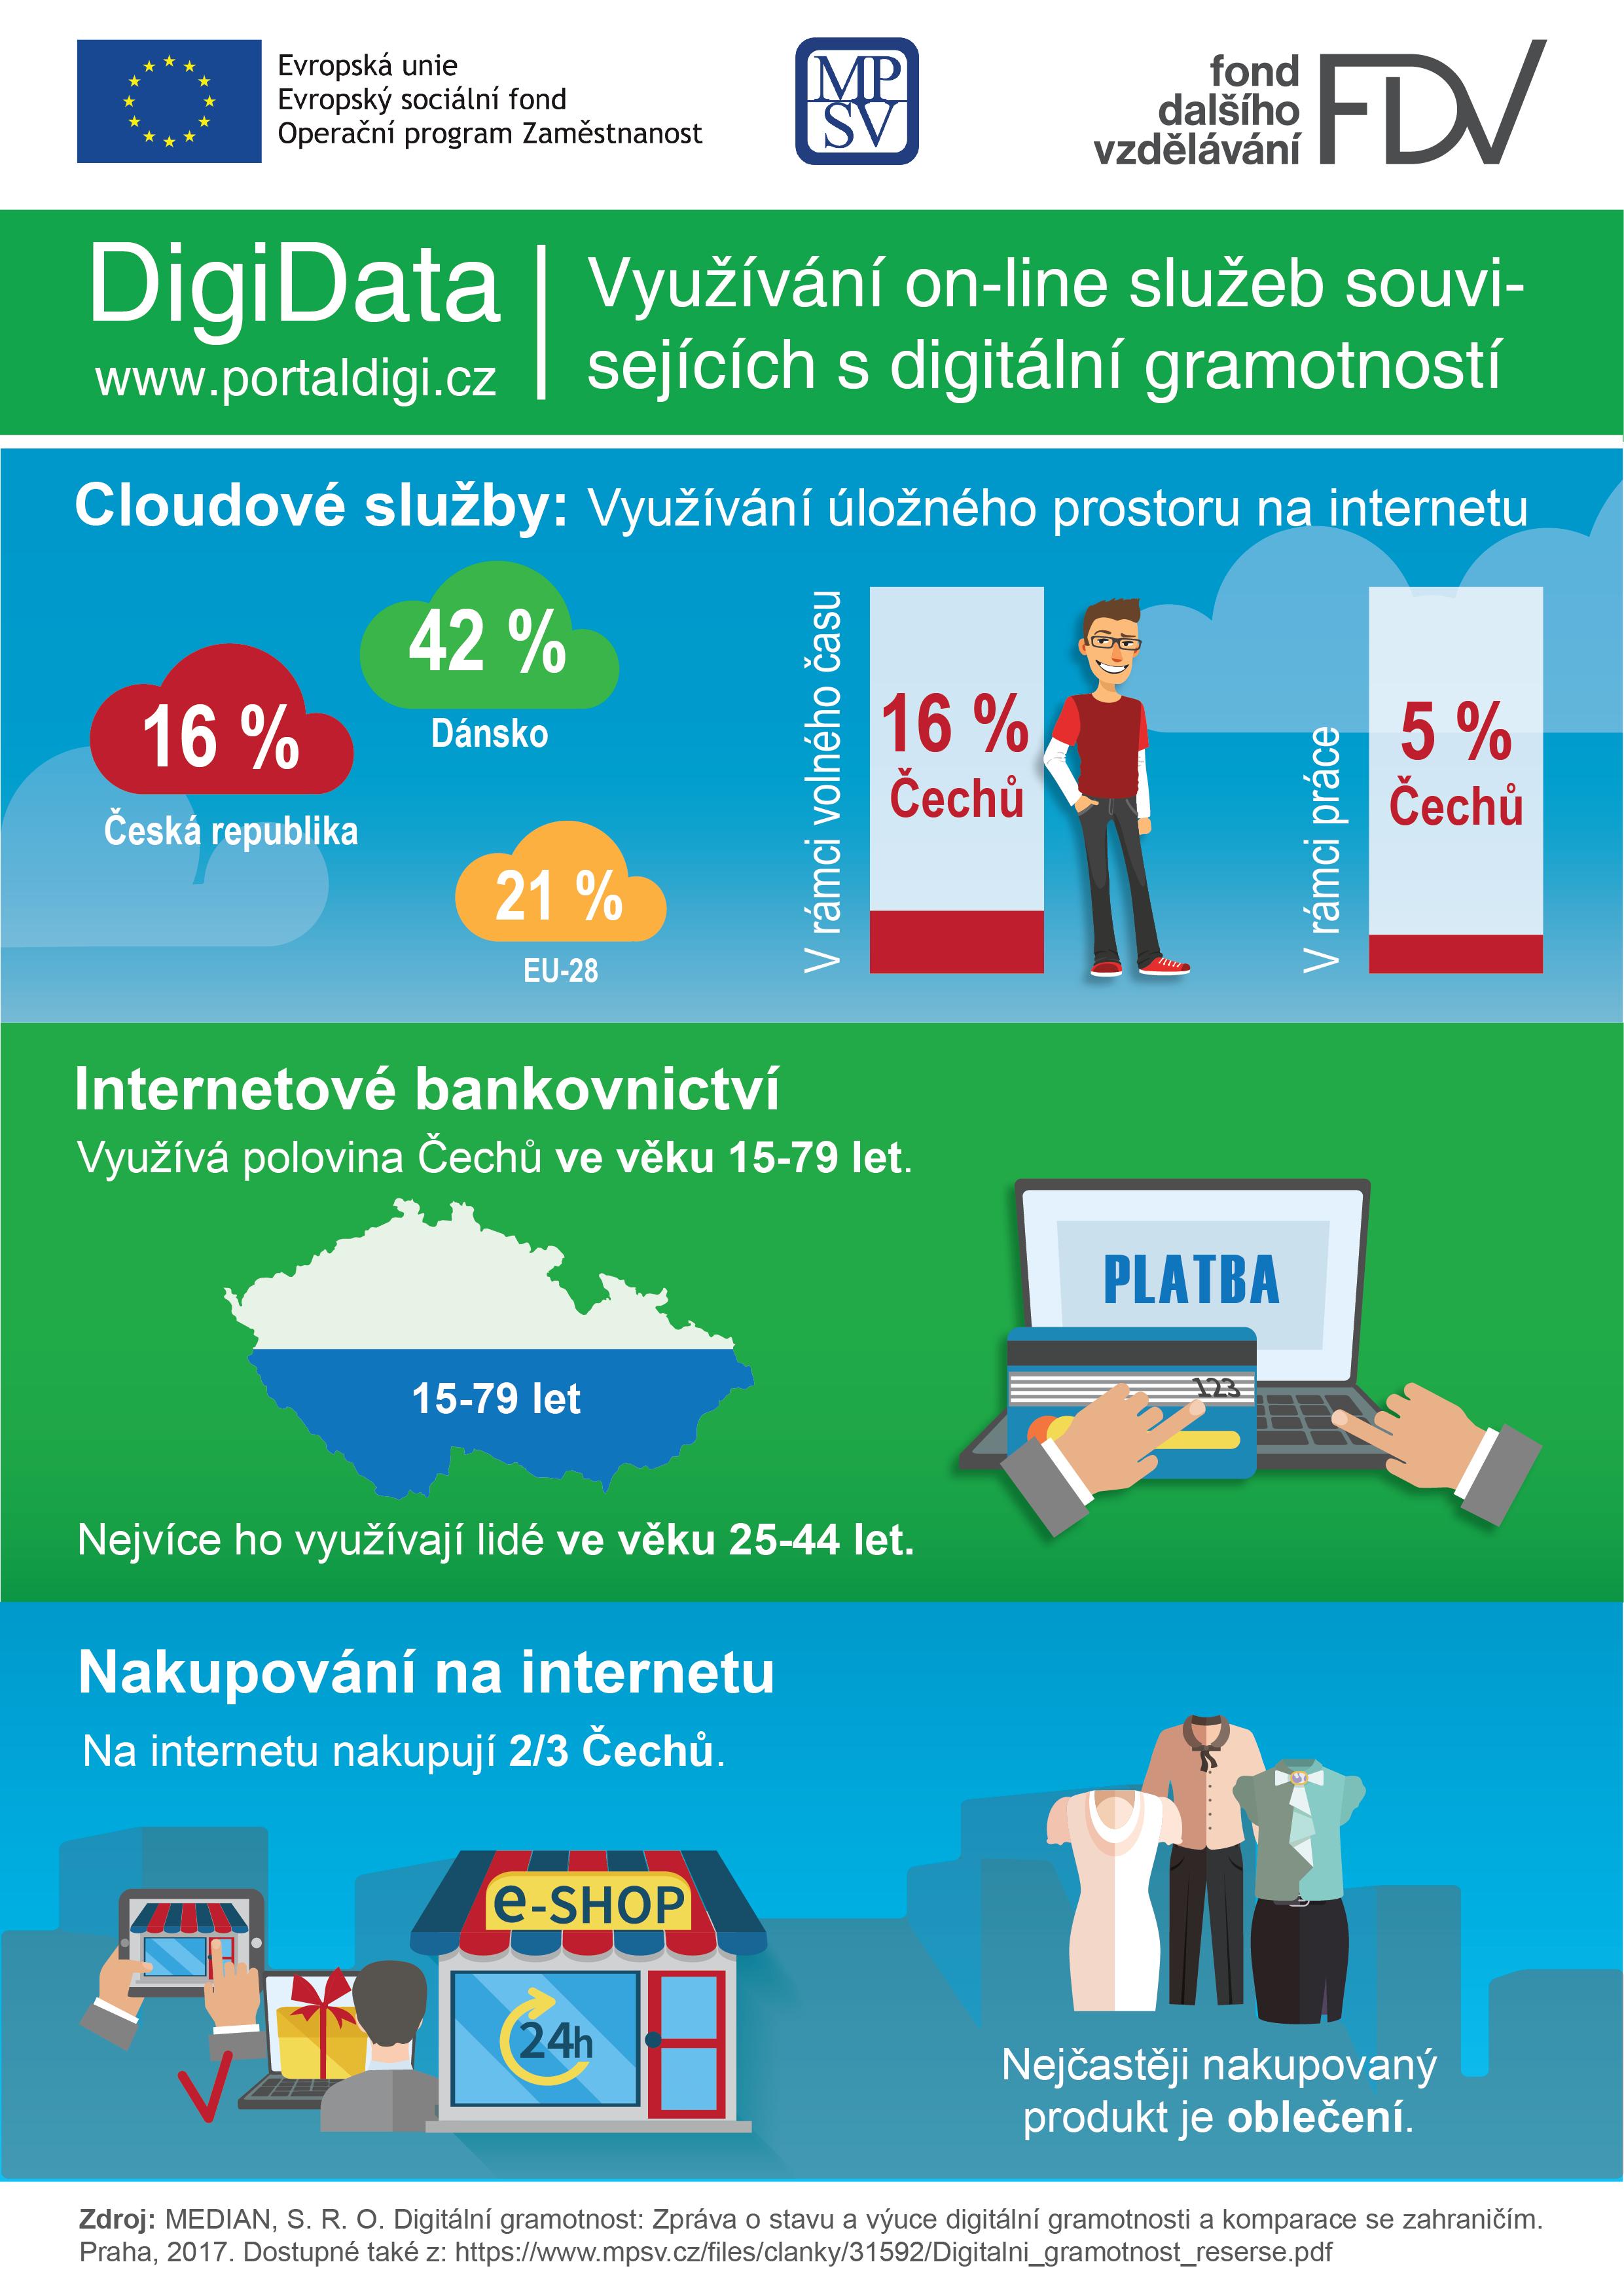 Využívání online služeb souvisejících s digitální gramotností